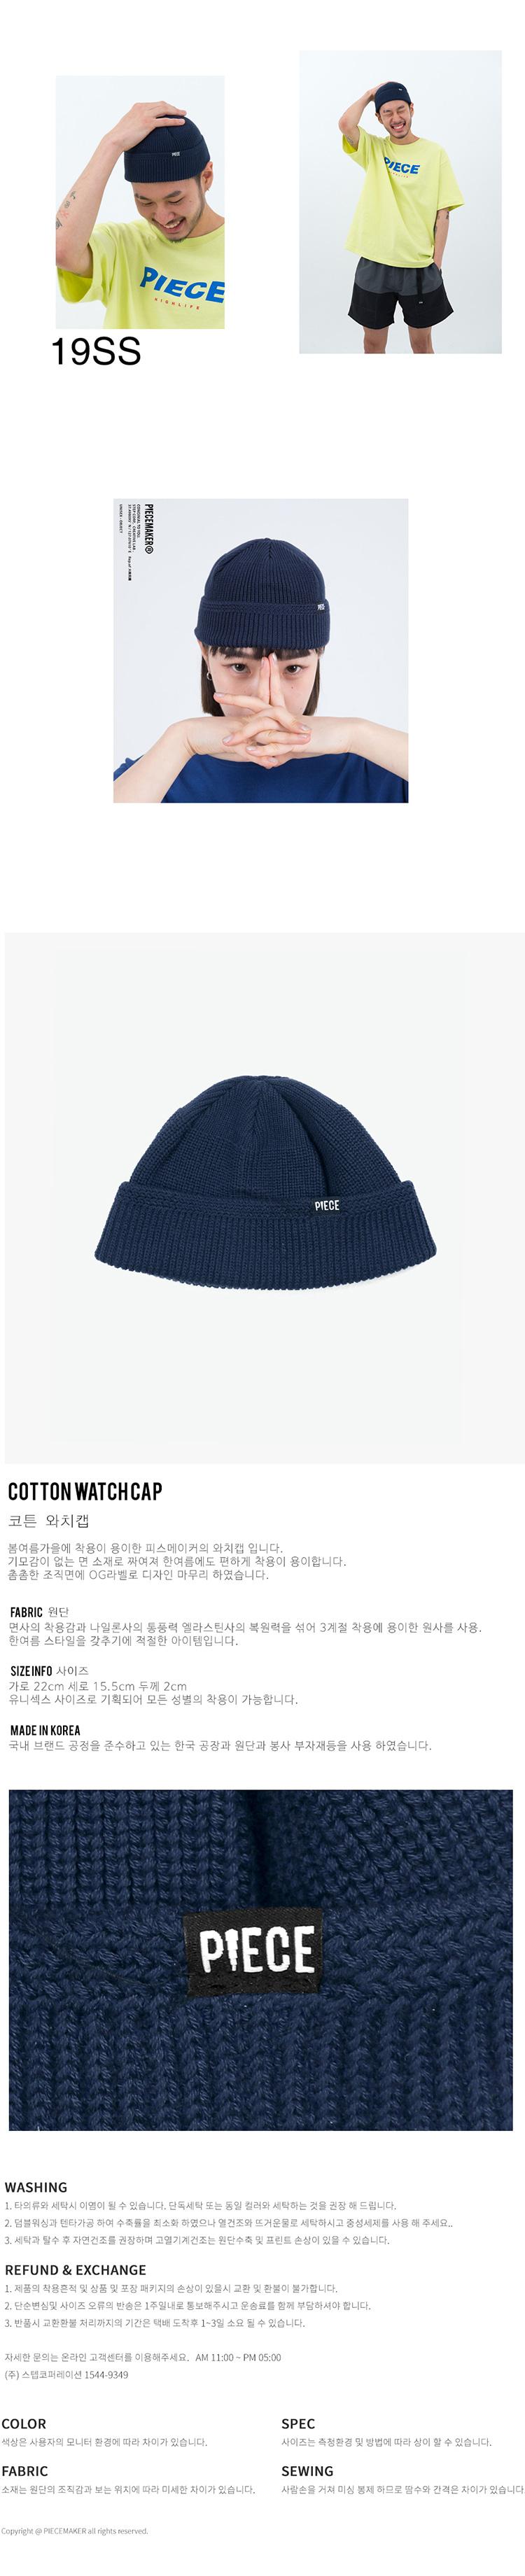 COTTON WATCH CAP (NAVY)